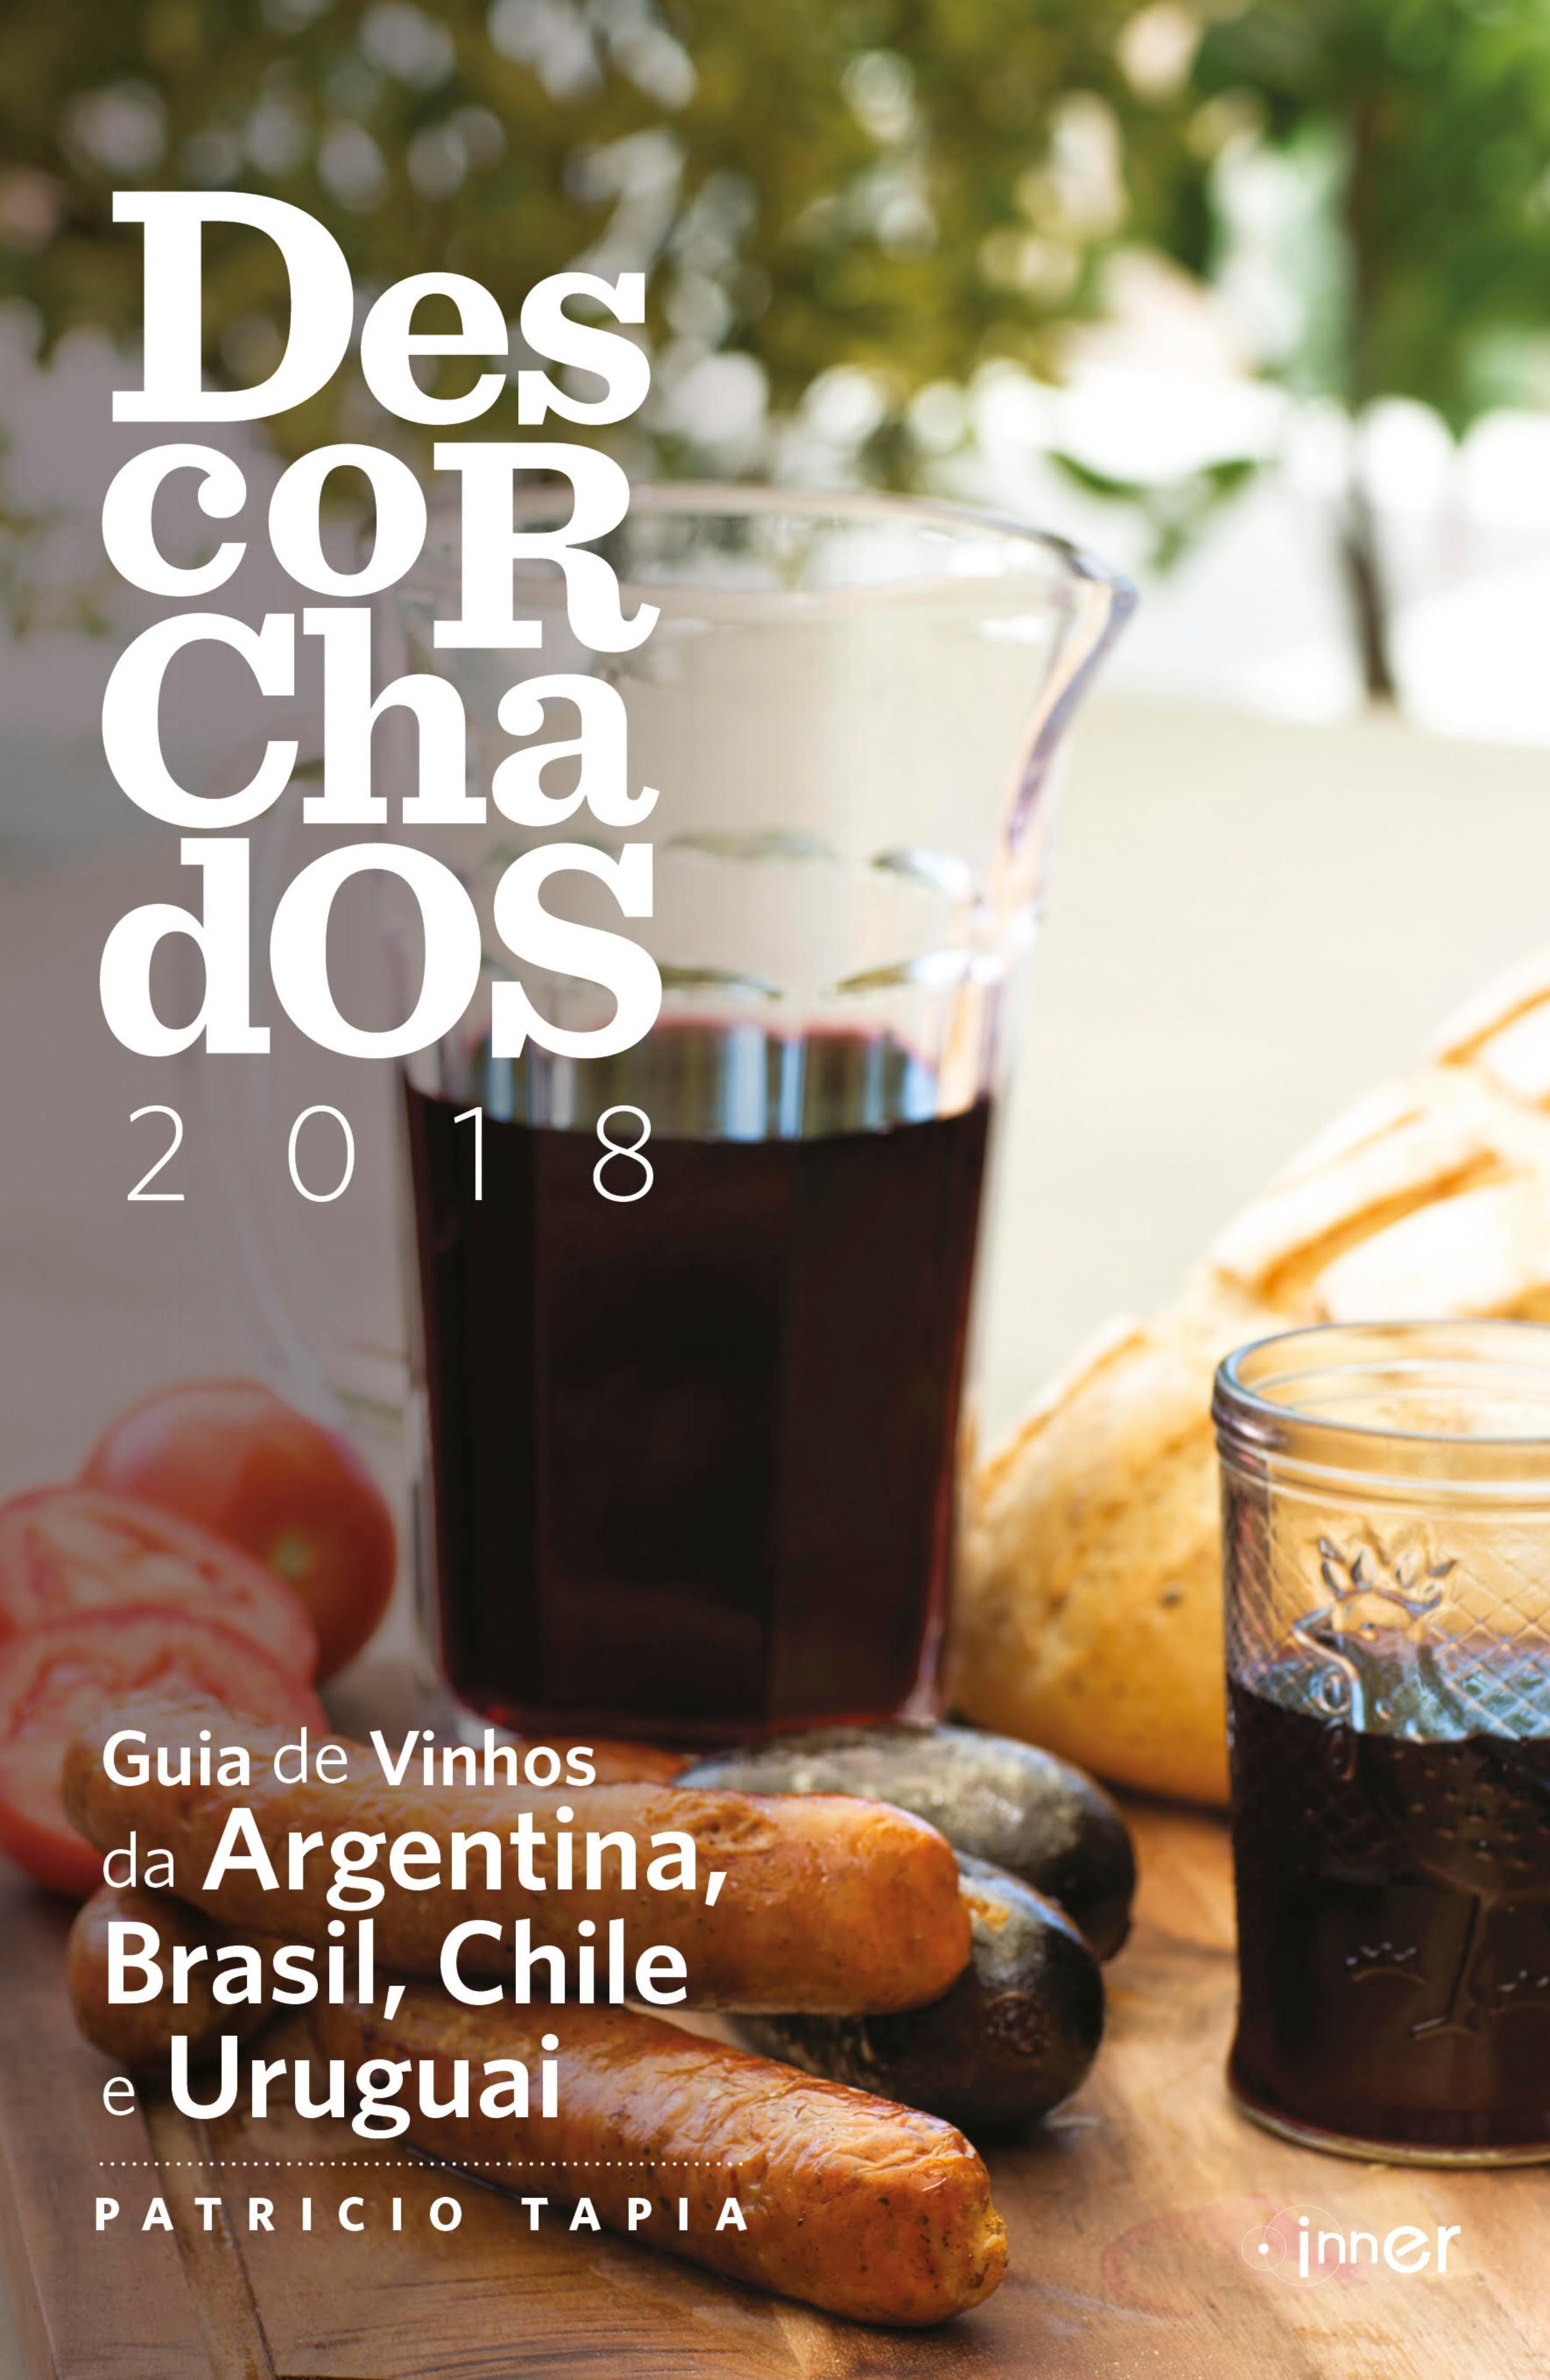 Guia lista os principias vinhos da América do Sul